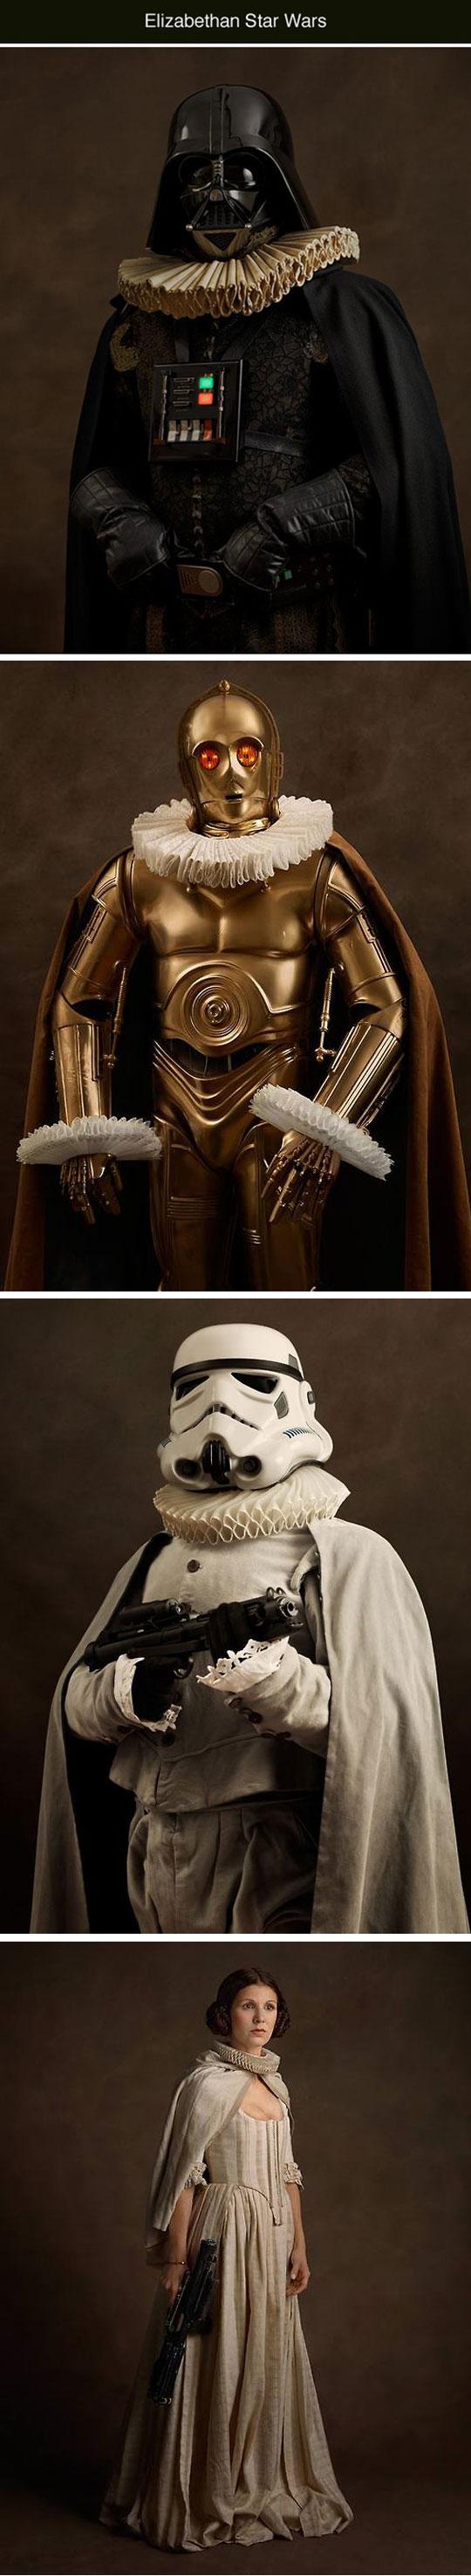 Elizabethan Star Wars